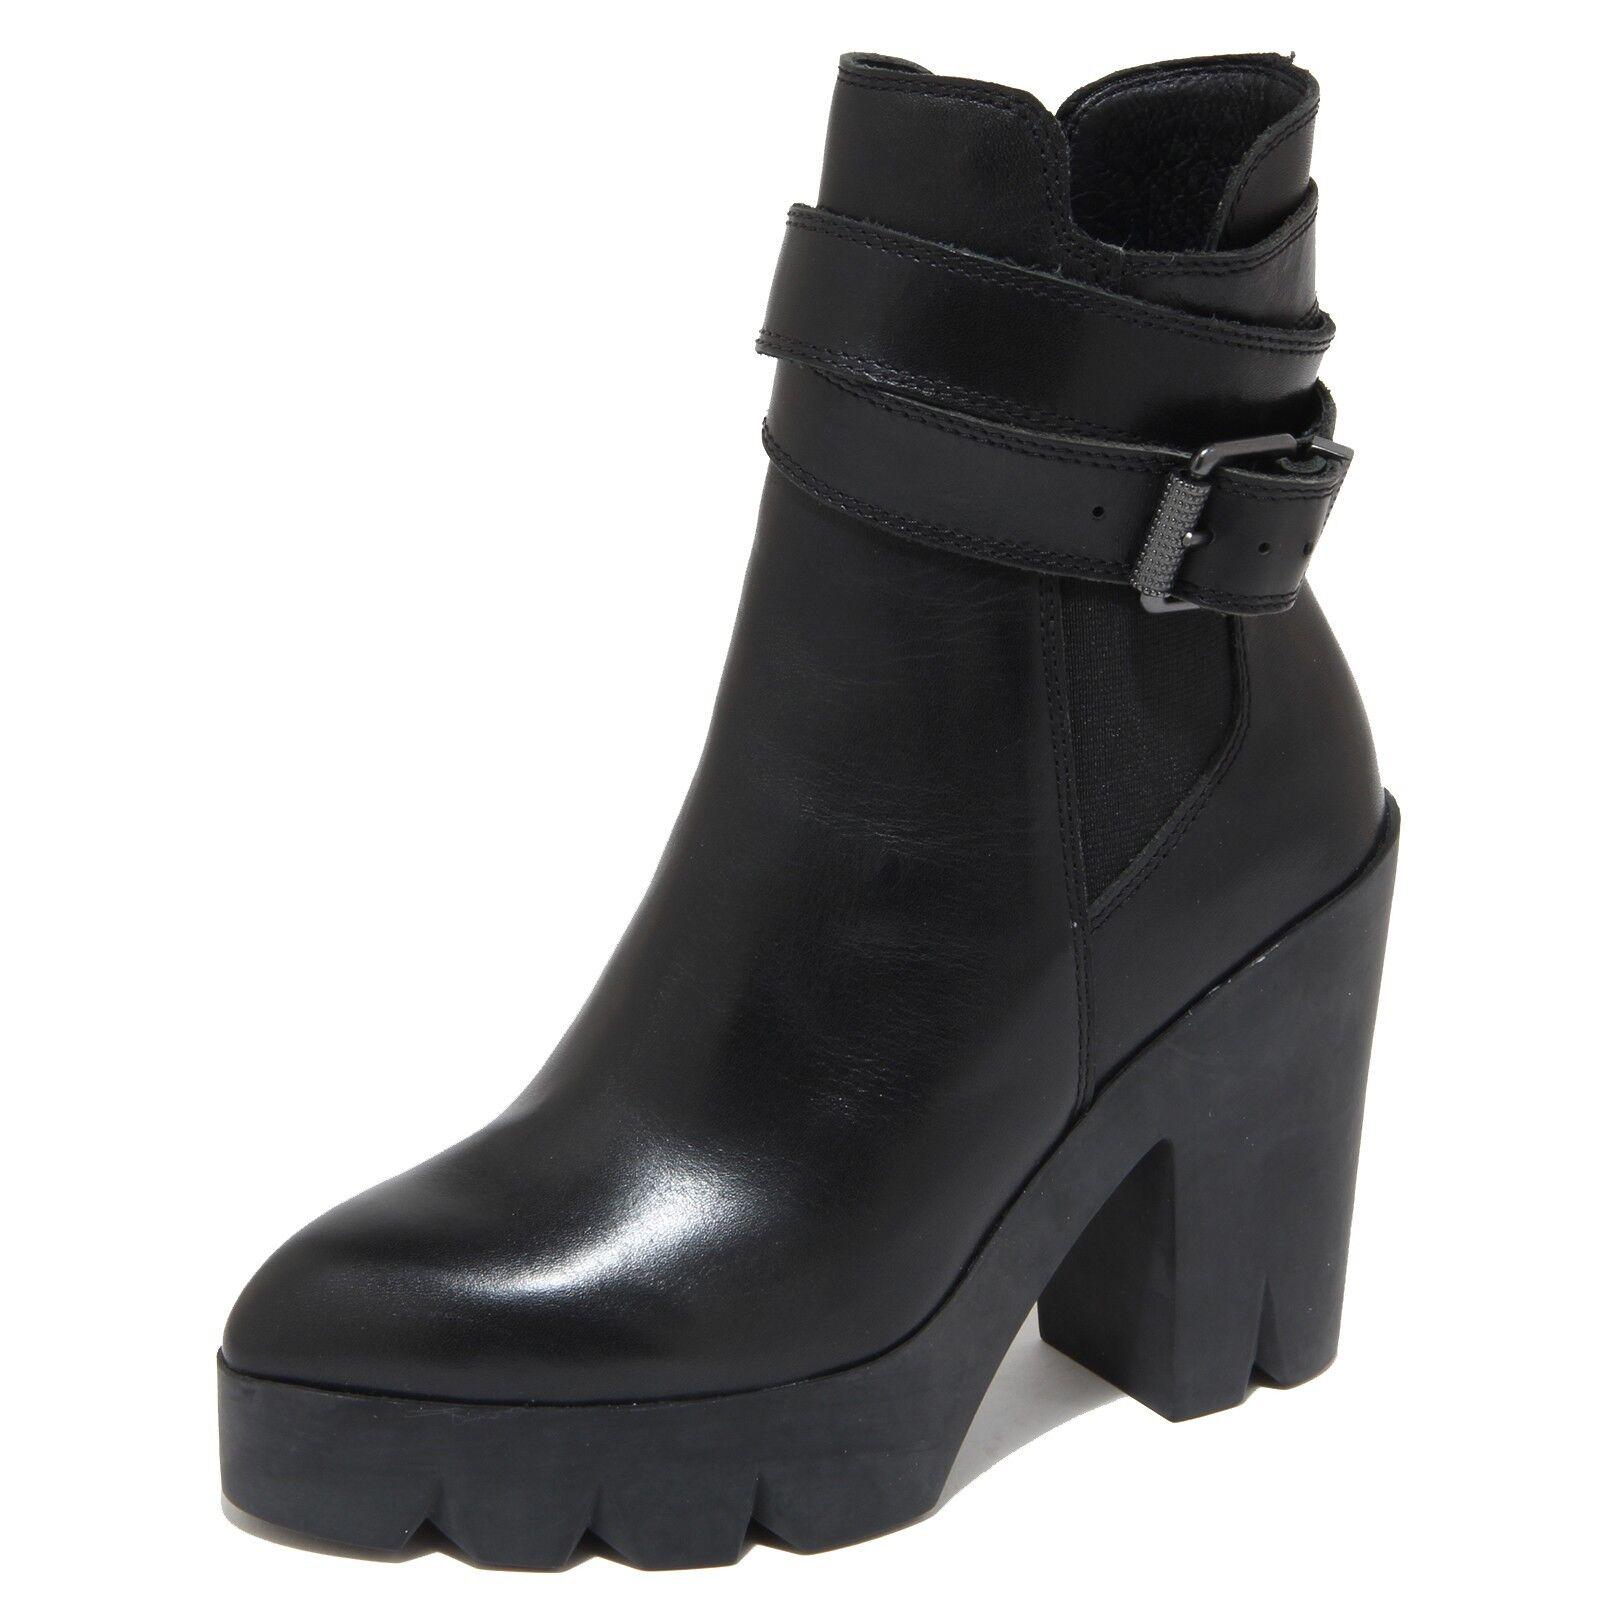 3896N tronchetto ASH stivali donna boots Donna nero